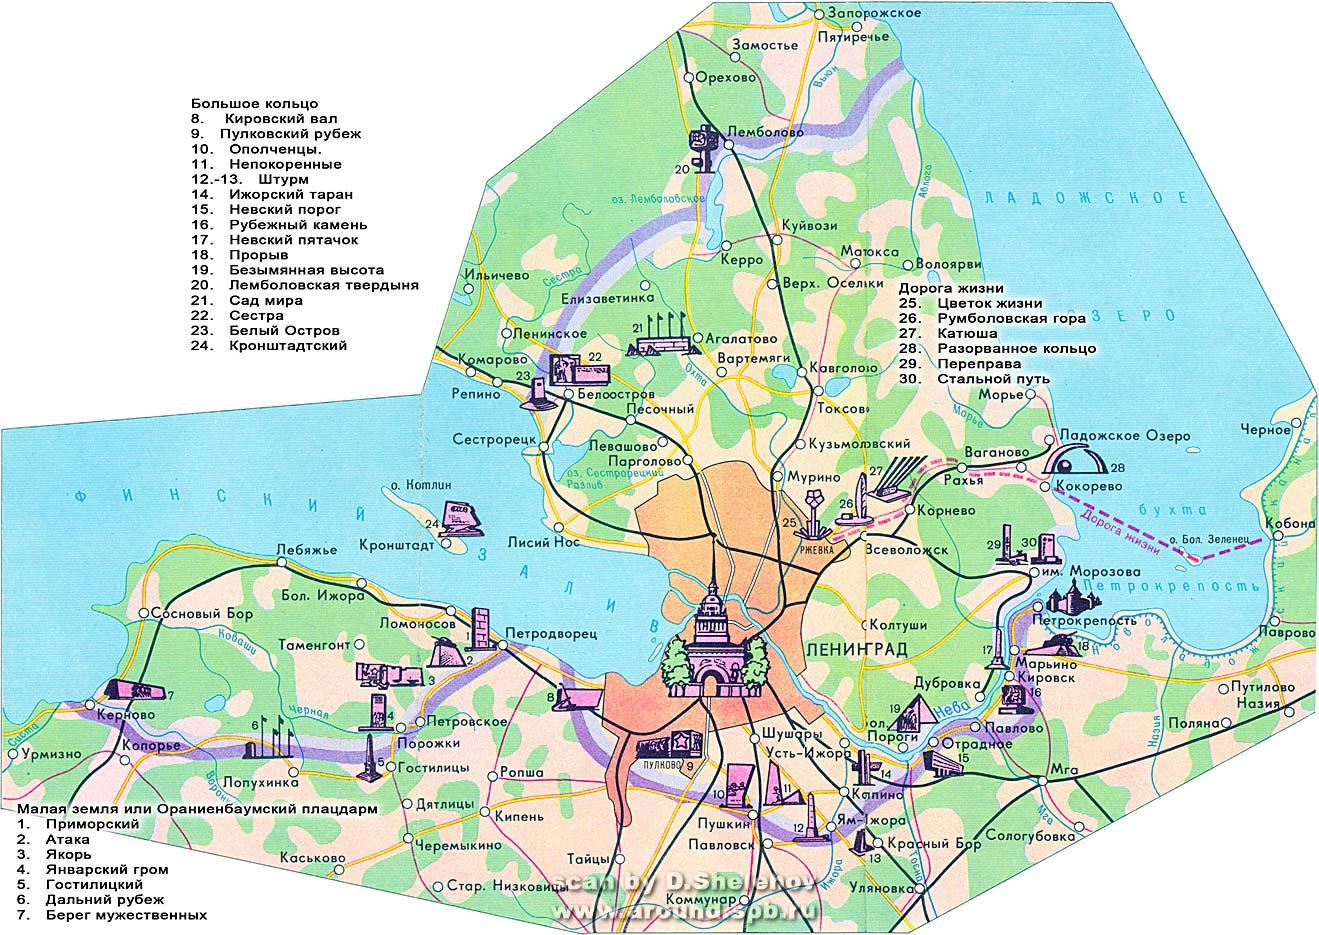 И в этот момент Ленинград не был блокирован по той простой причине что был свободен весь север города и ладожское...